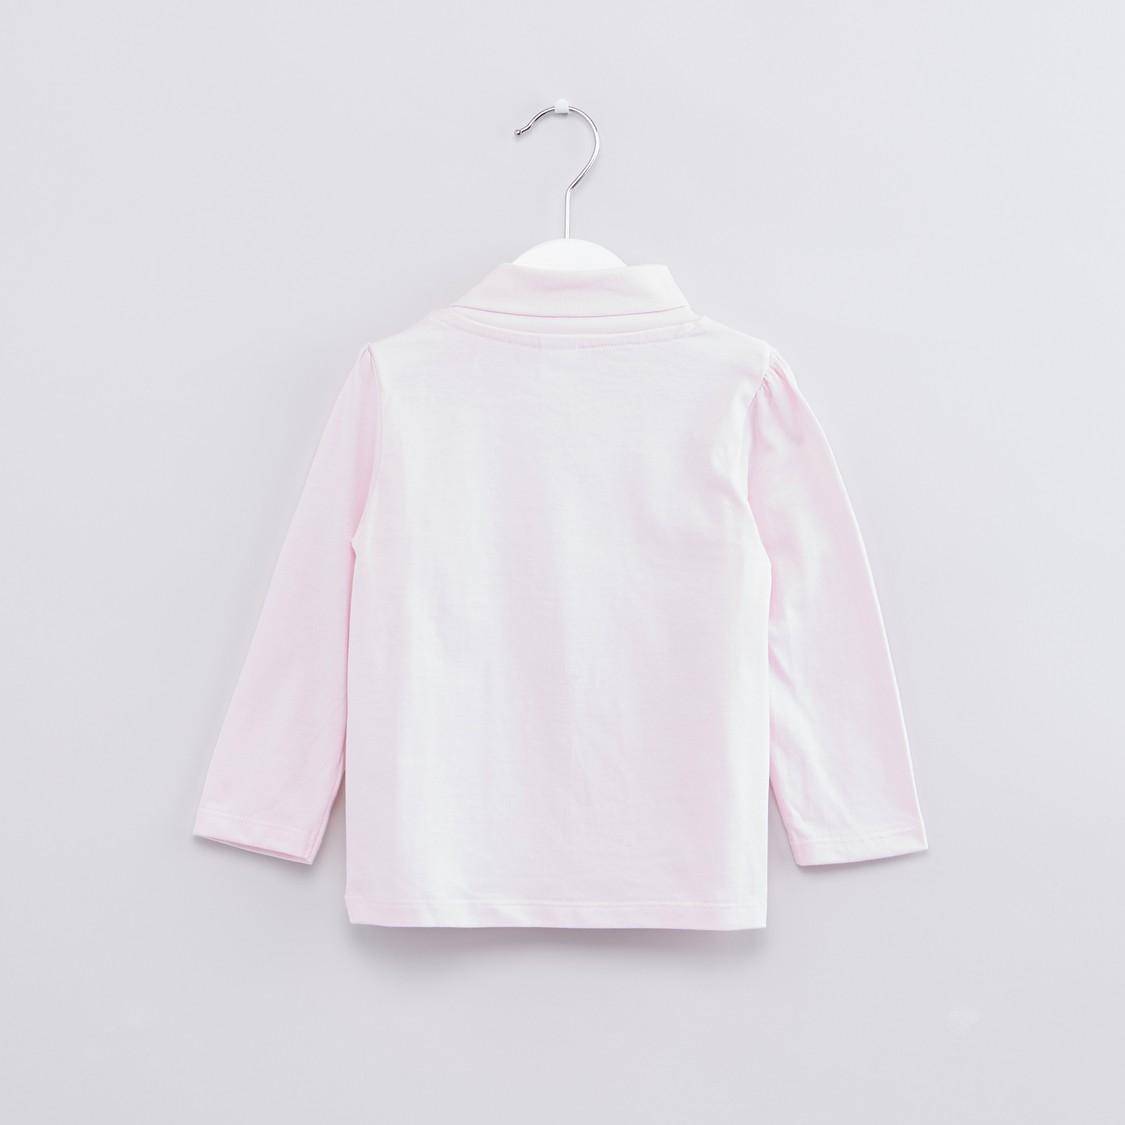 Printed Turtleneck Long Sleeves Top